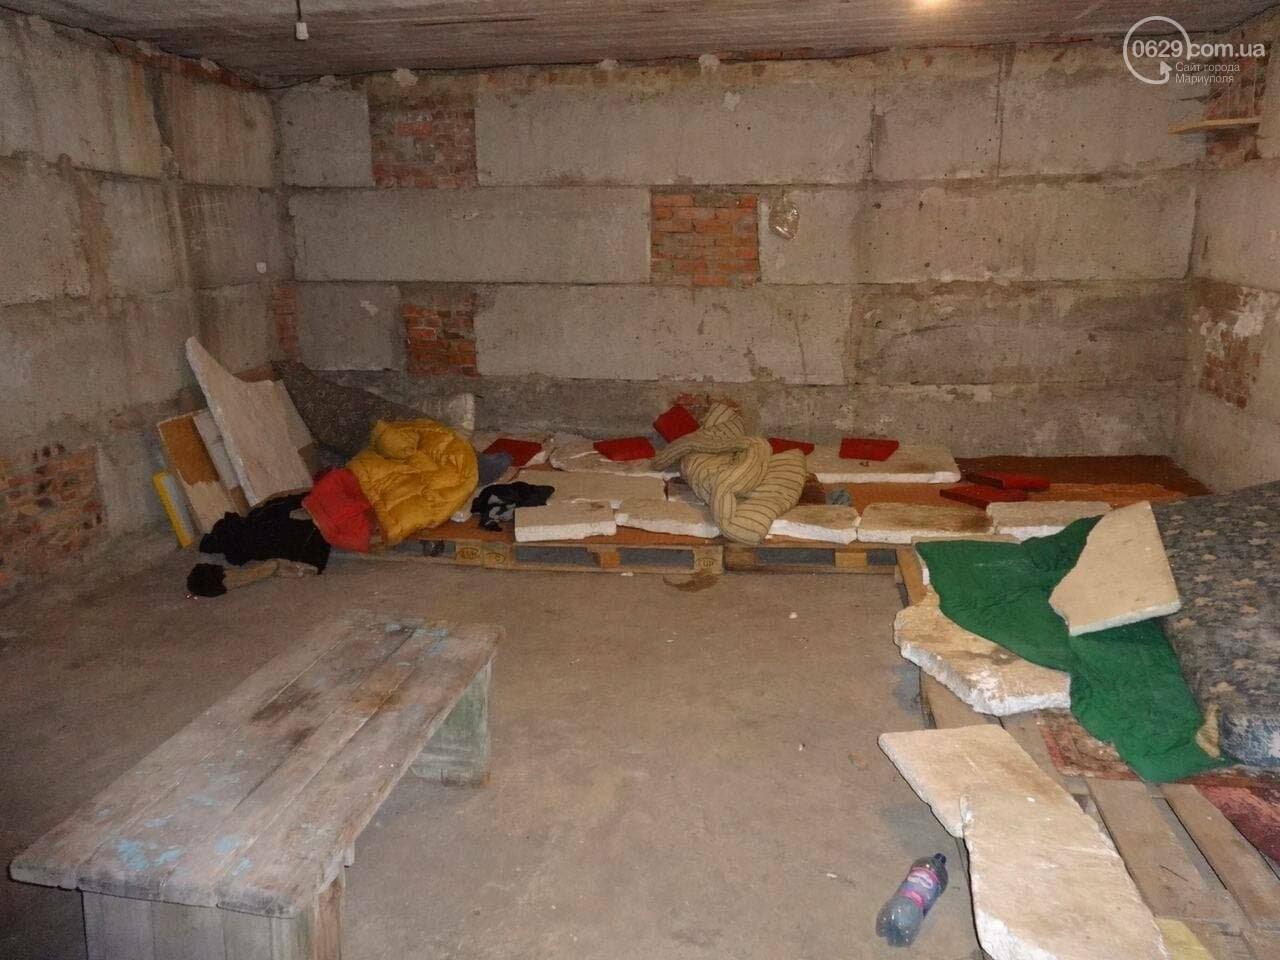 В соцсети появились фото концлагеря в Донецке. Прокуратура объявила подозрение одному из палачей, - ФОТО, фото-8